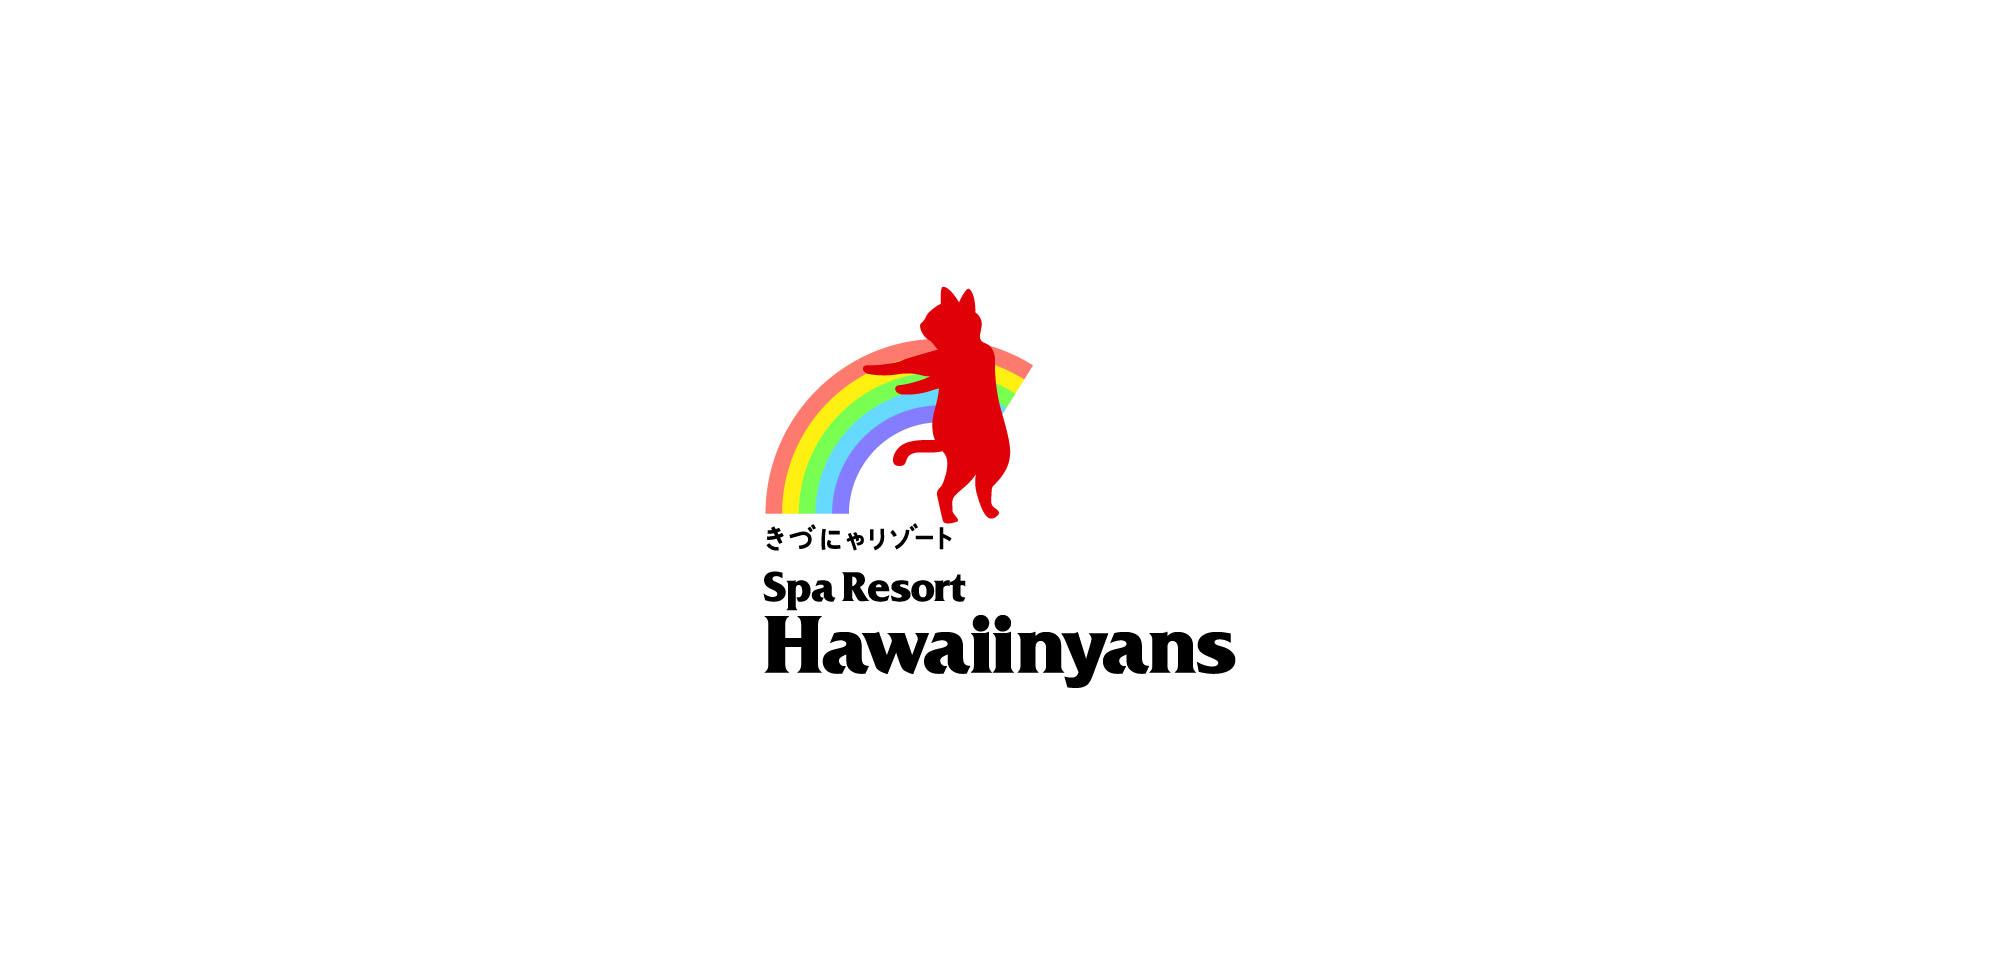 スパリゾートハワイニャンズのロゴ